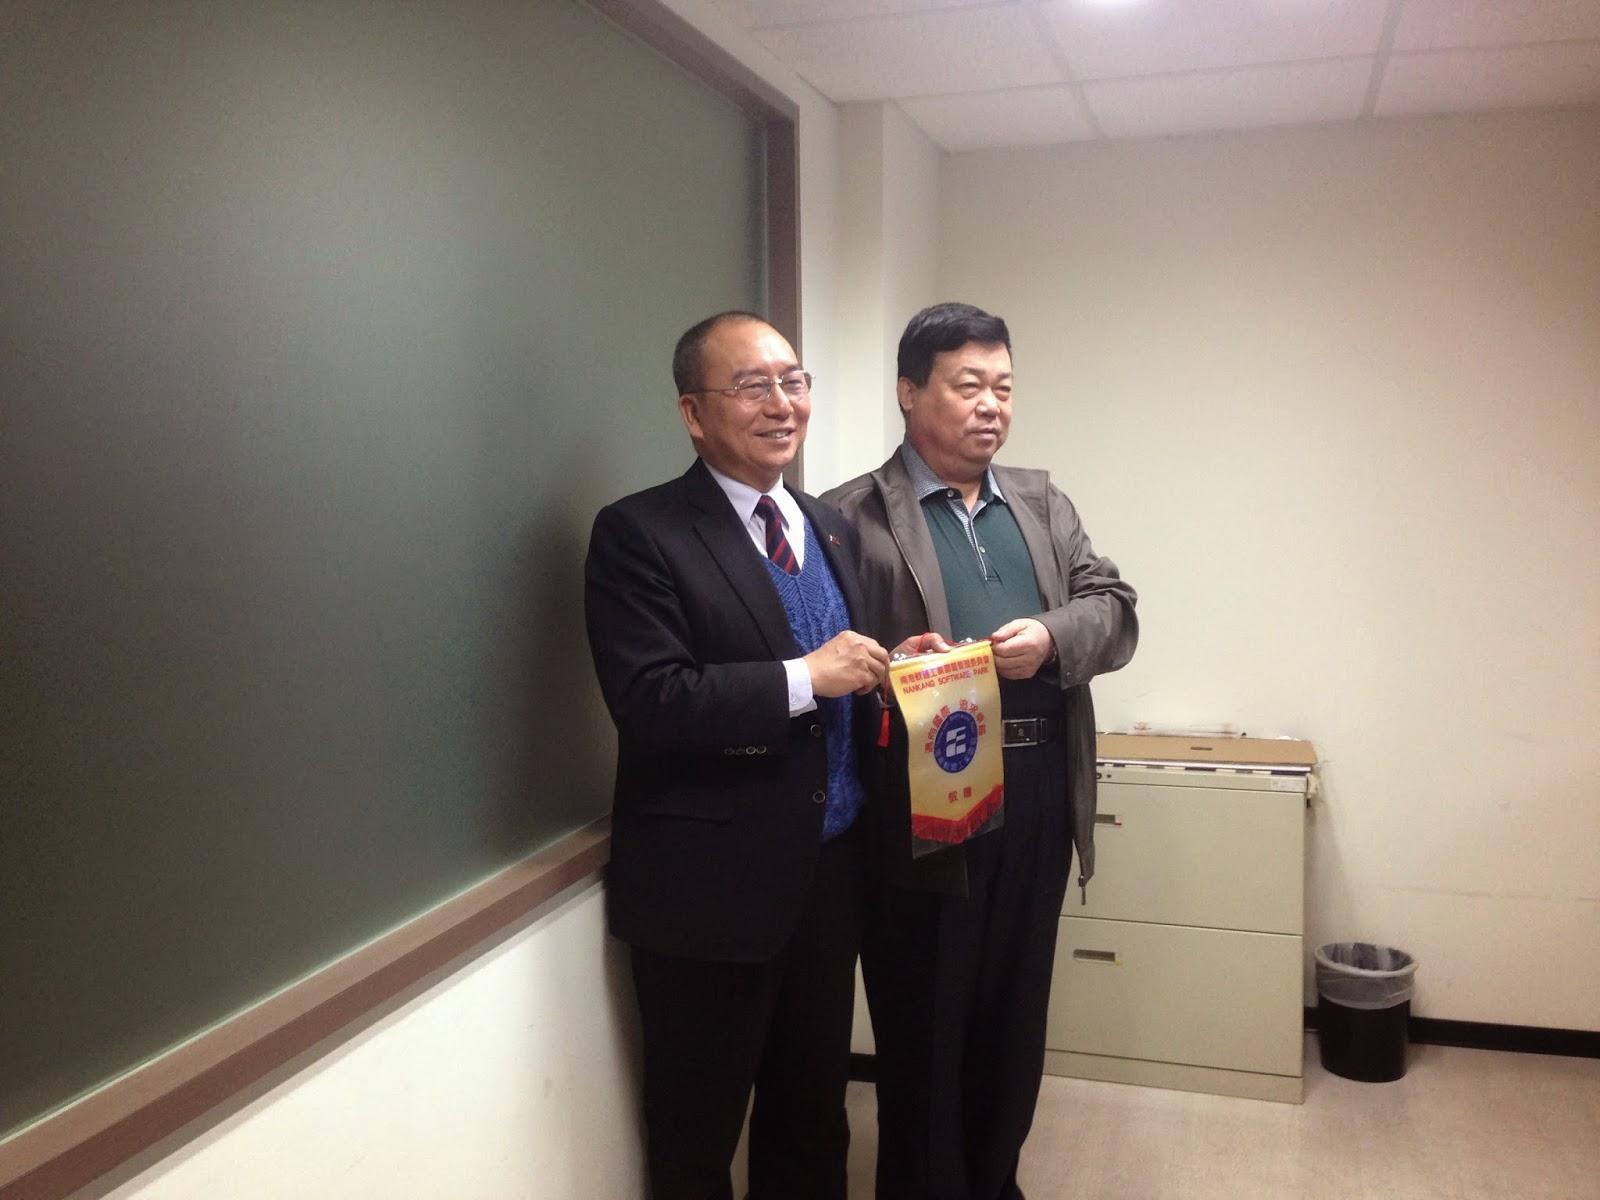 河北省滄州經濟開發區管理委員會